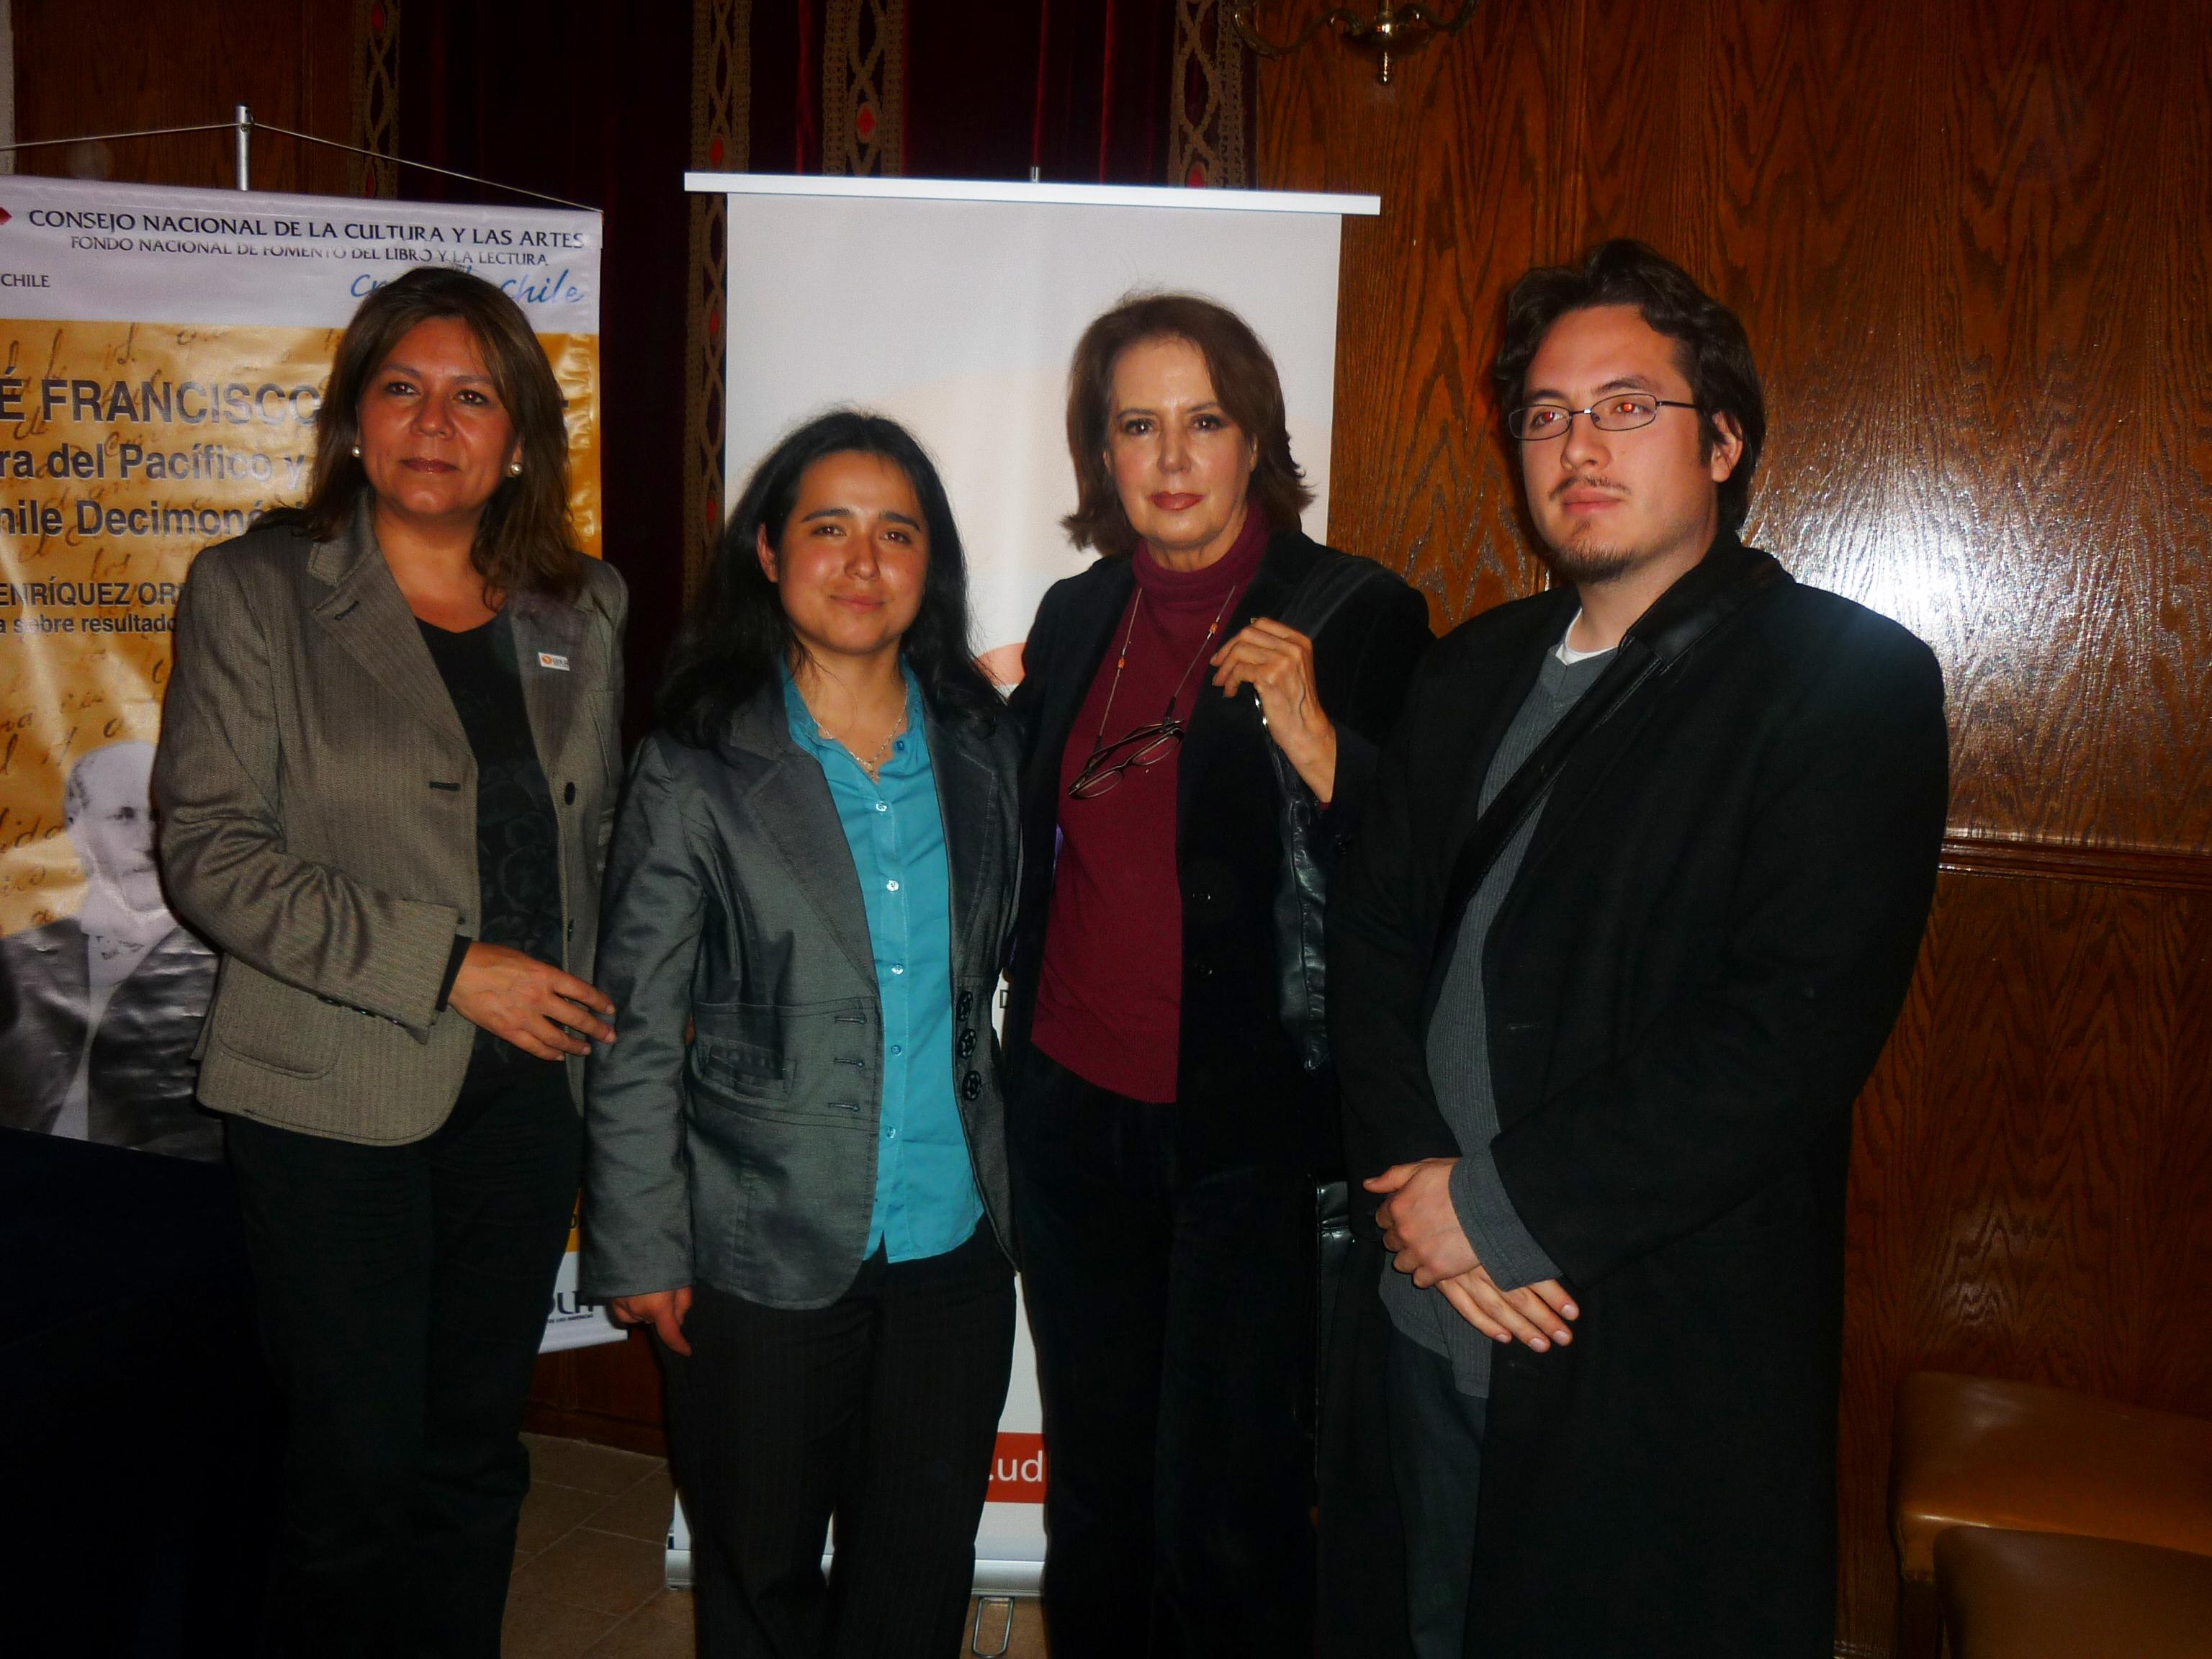 J. Rivera, A. Henriquez, B. Vergara, R. Perez. (21 oct. 2009)